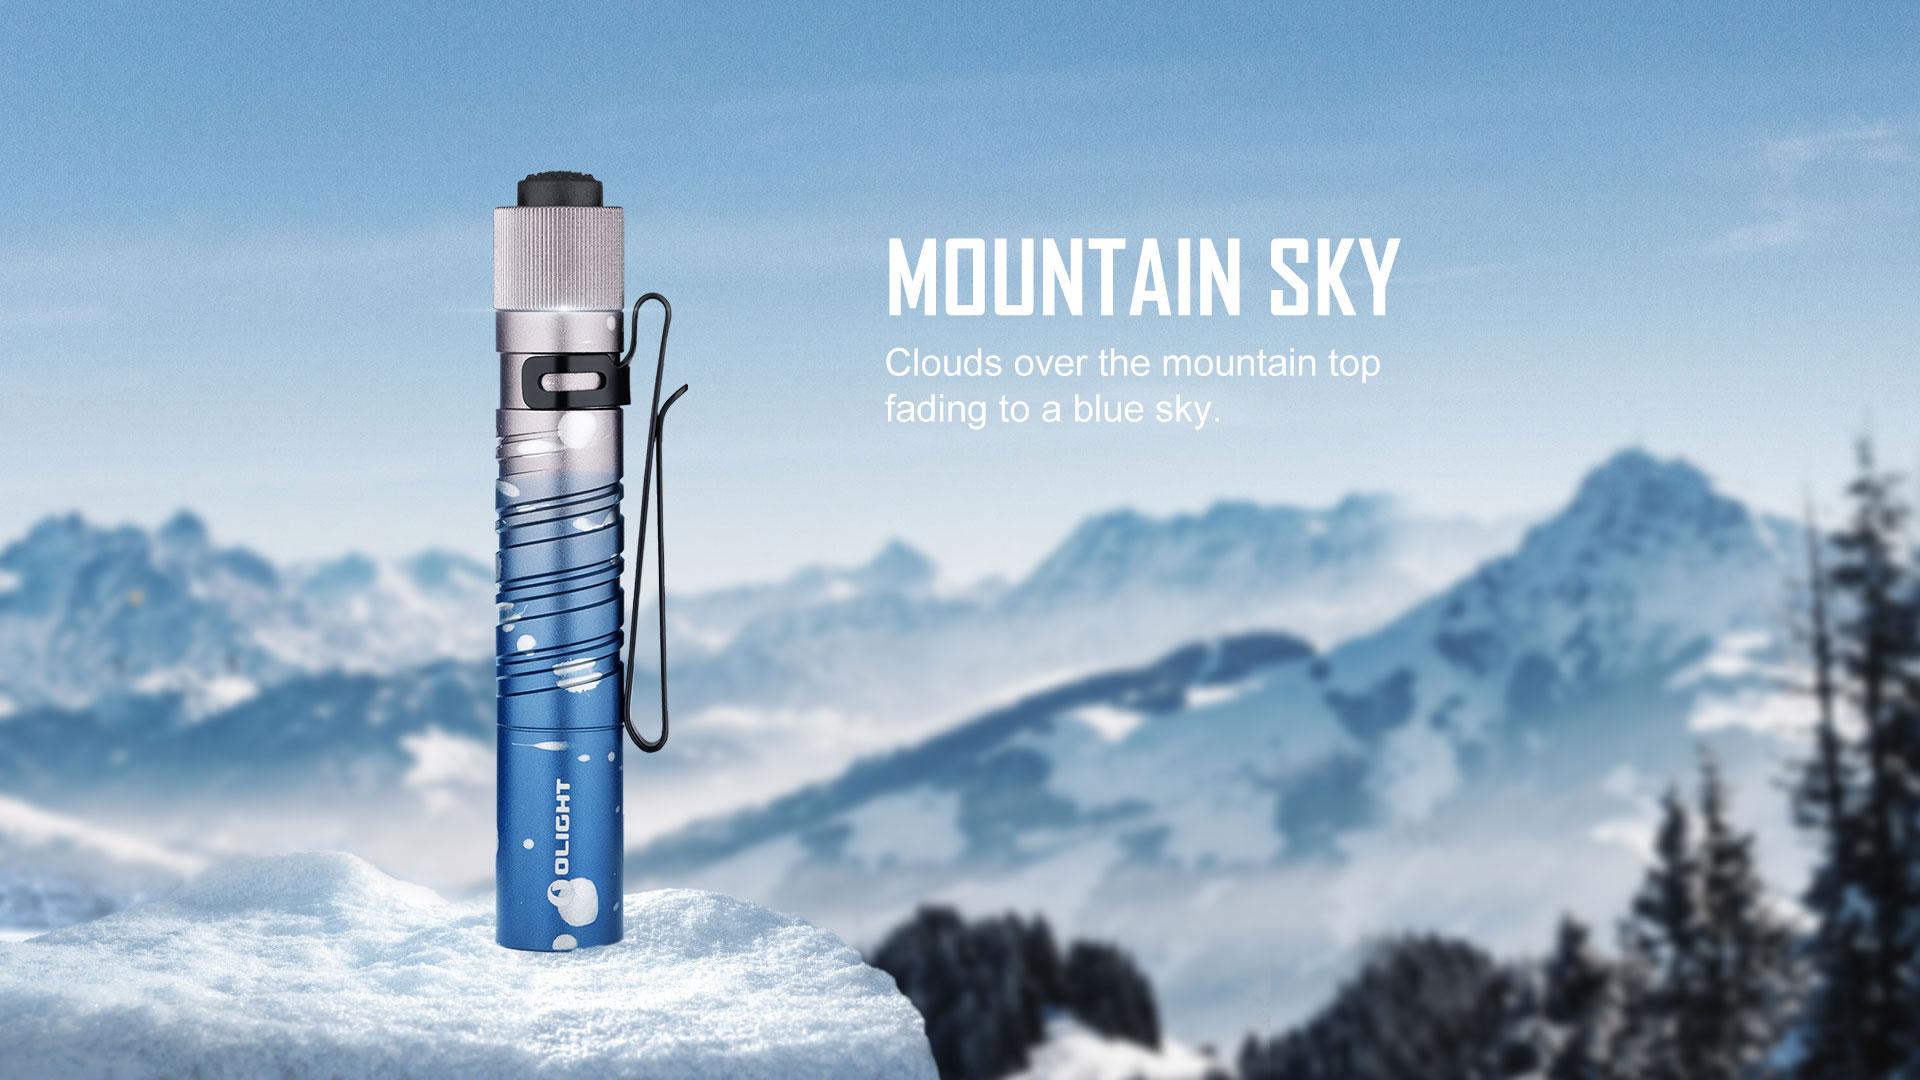 i3T,i3T mountain sky,olight torch